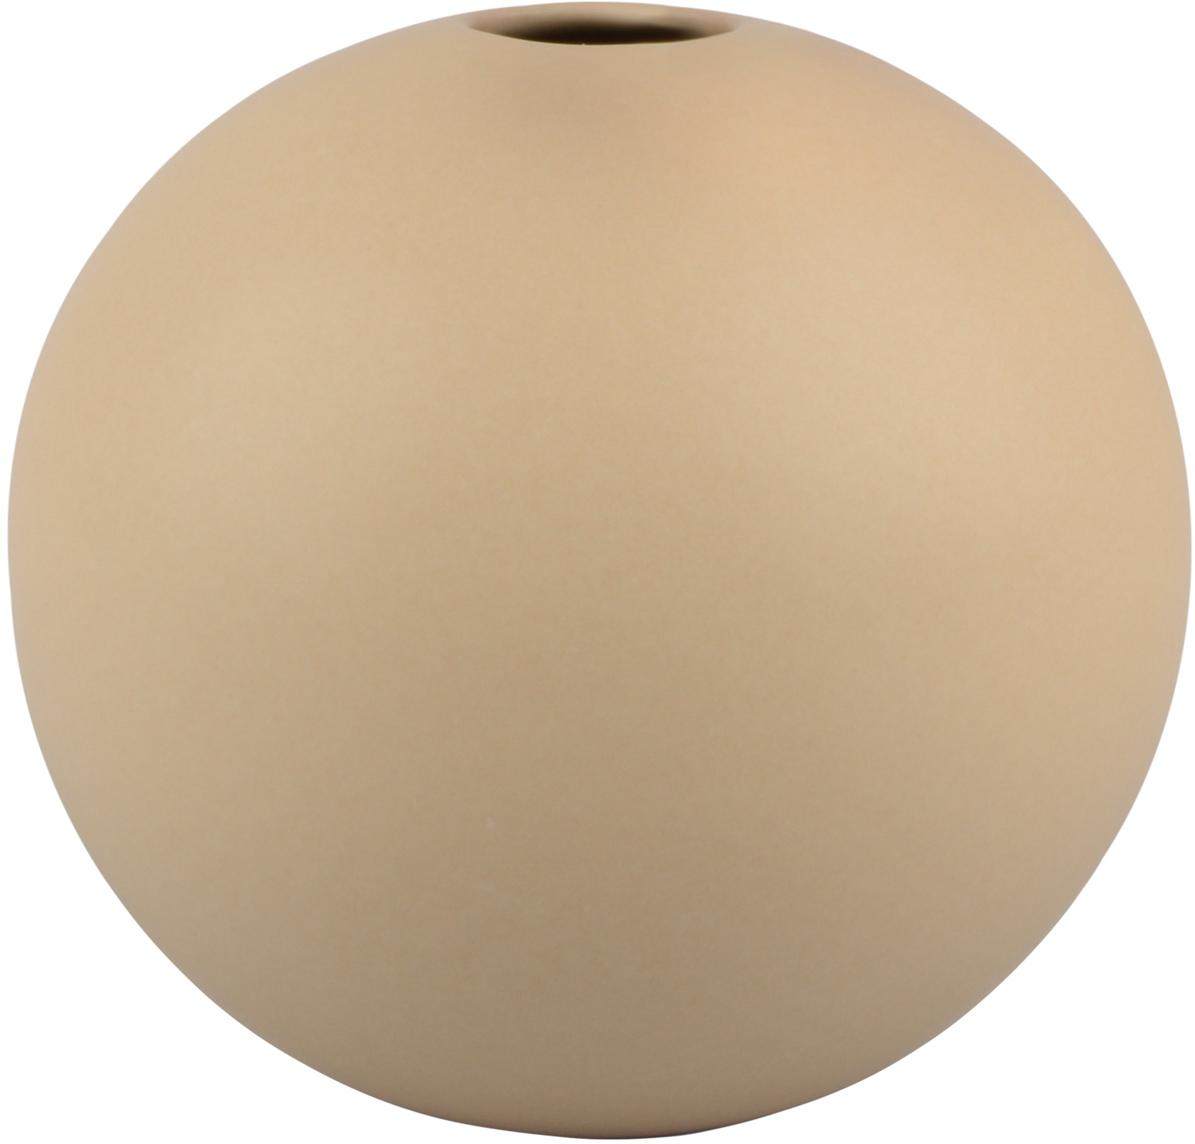 Jarrón de cerámica Rita, Cerámica, Beige, Ø 12 x Al 12 cm